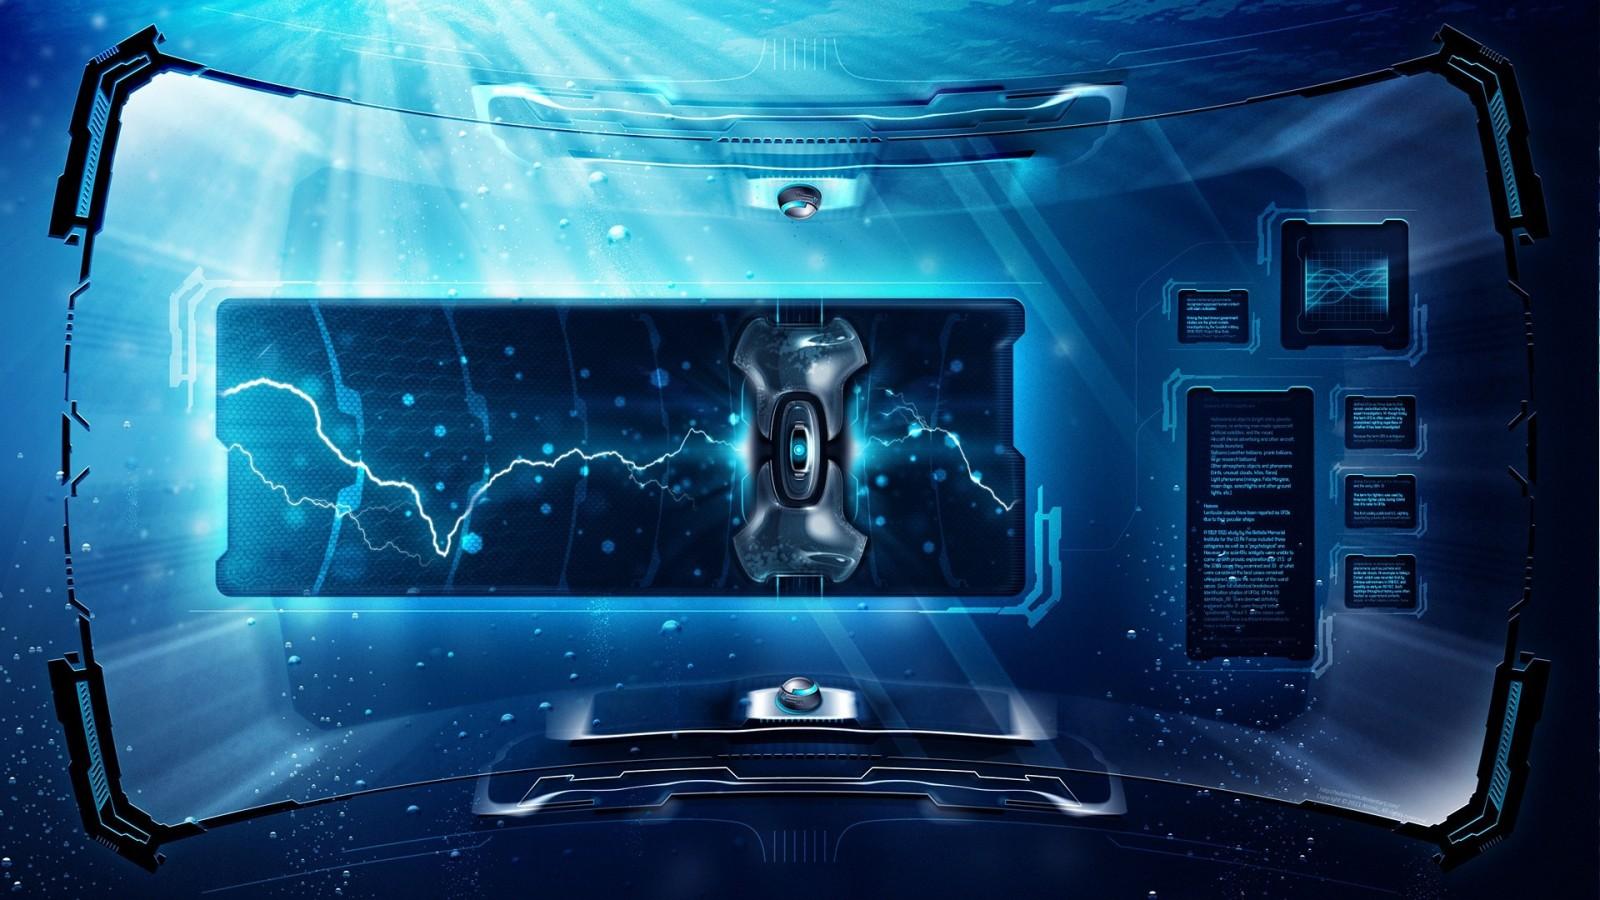 Будущие компьютеры картинки